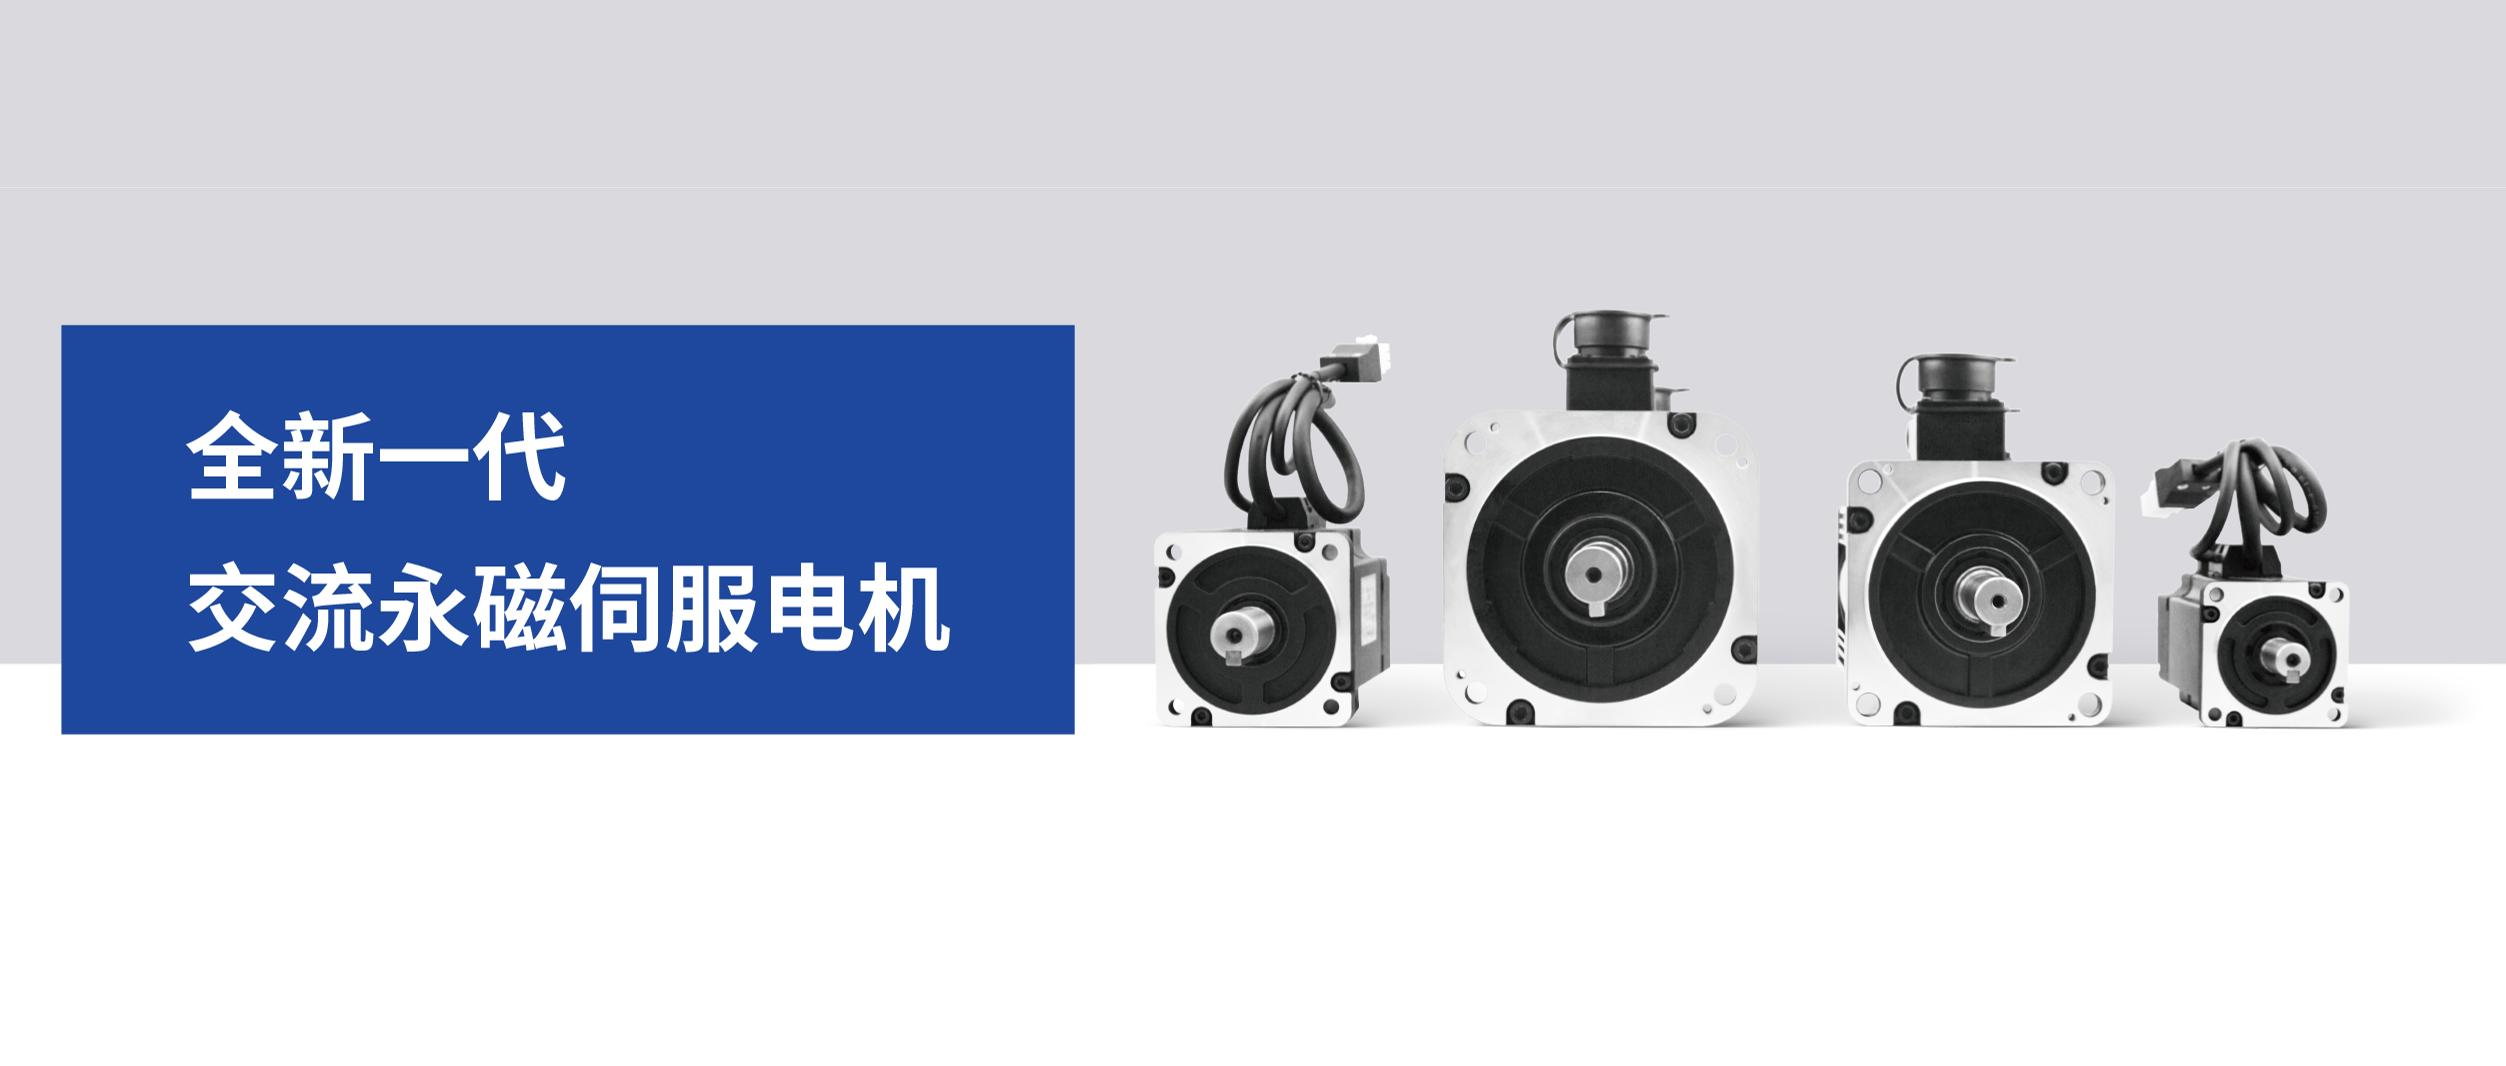 DME中国[东莞]机床展   迈信电气全新一代伺服电机助力机床行业智能化转型